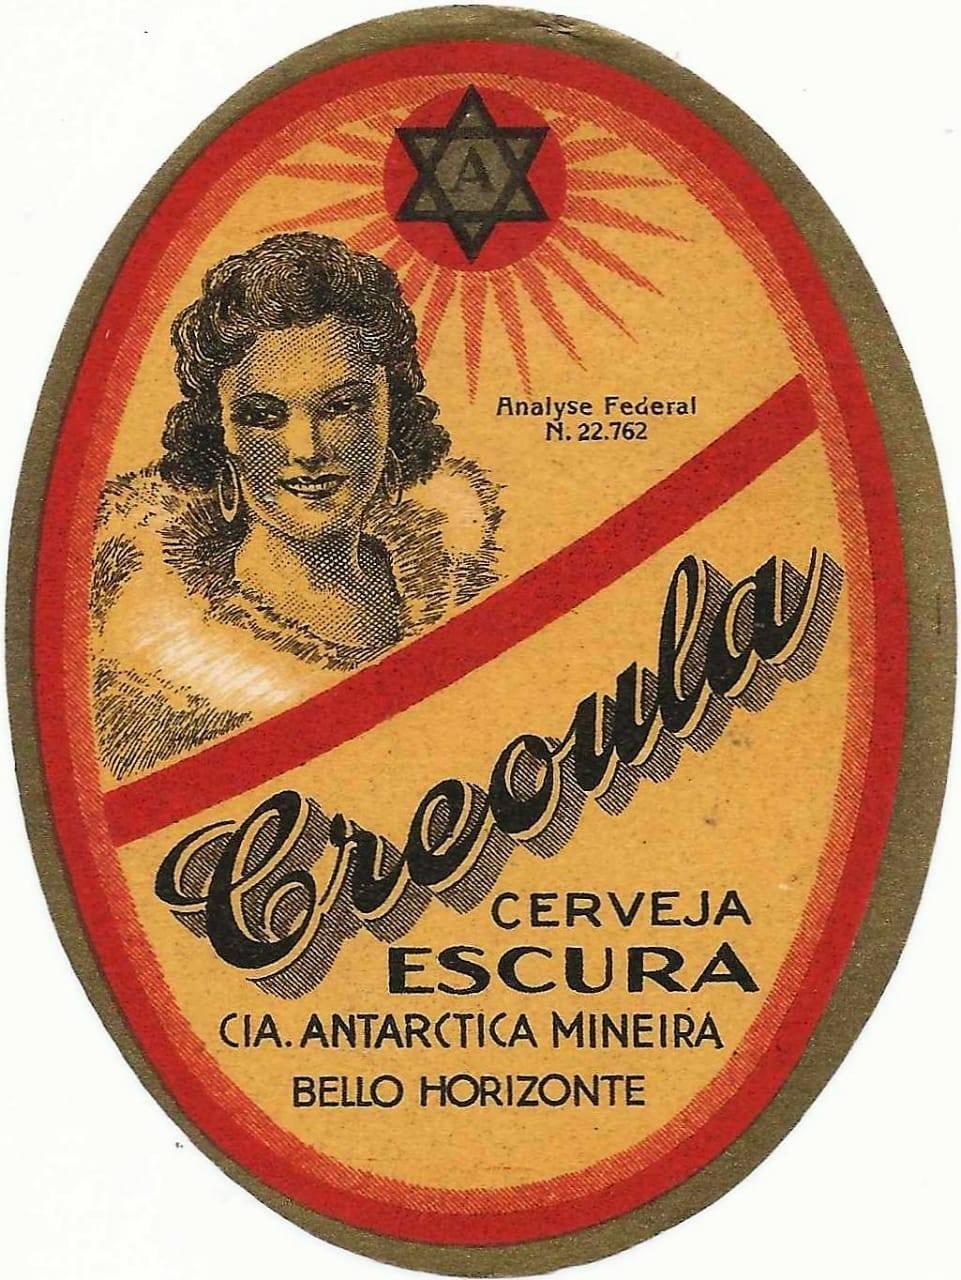 Anúncio da Companhia Antárctica Mineira, 1951